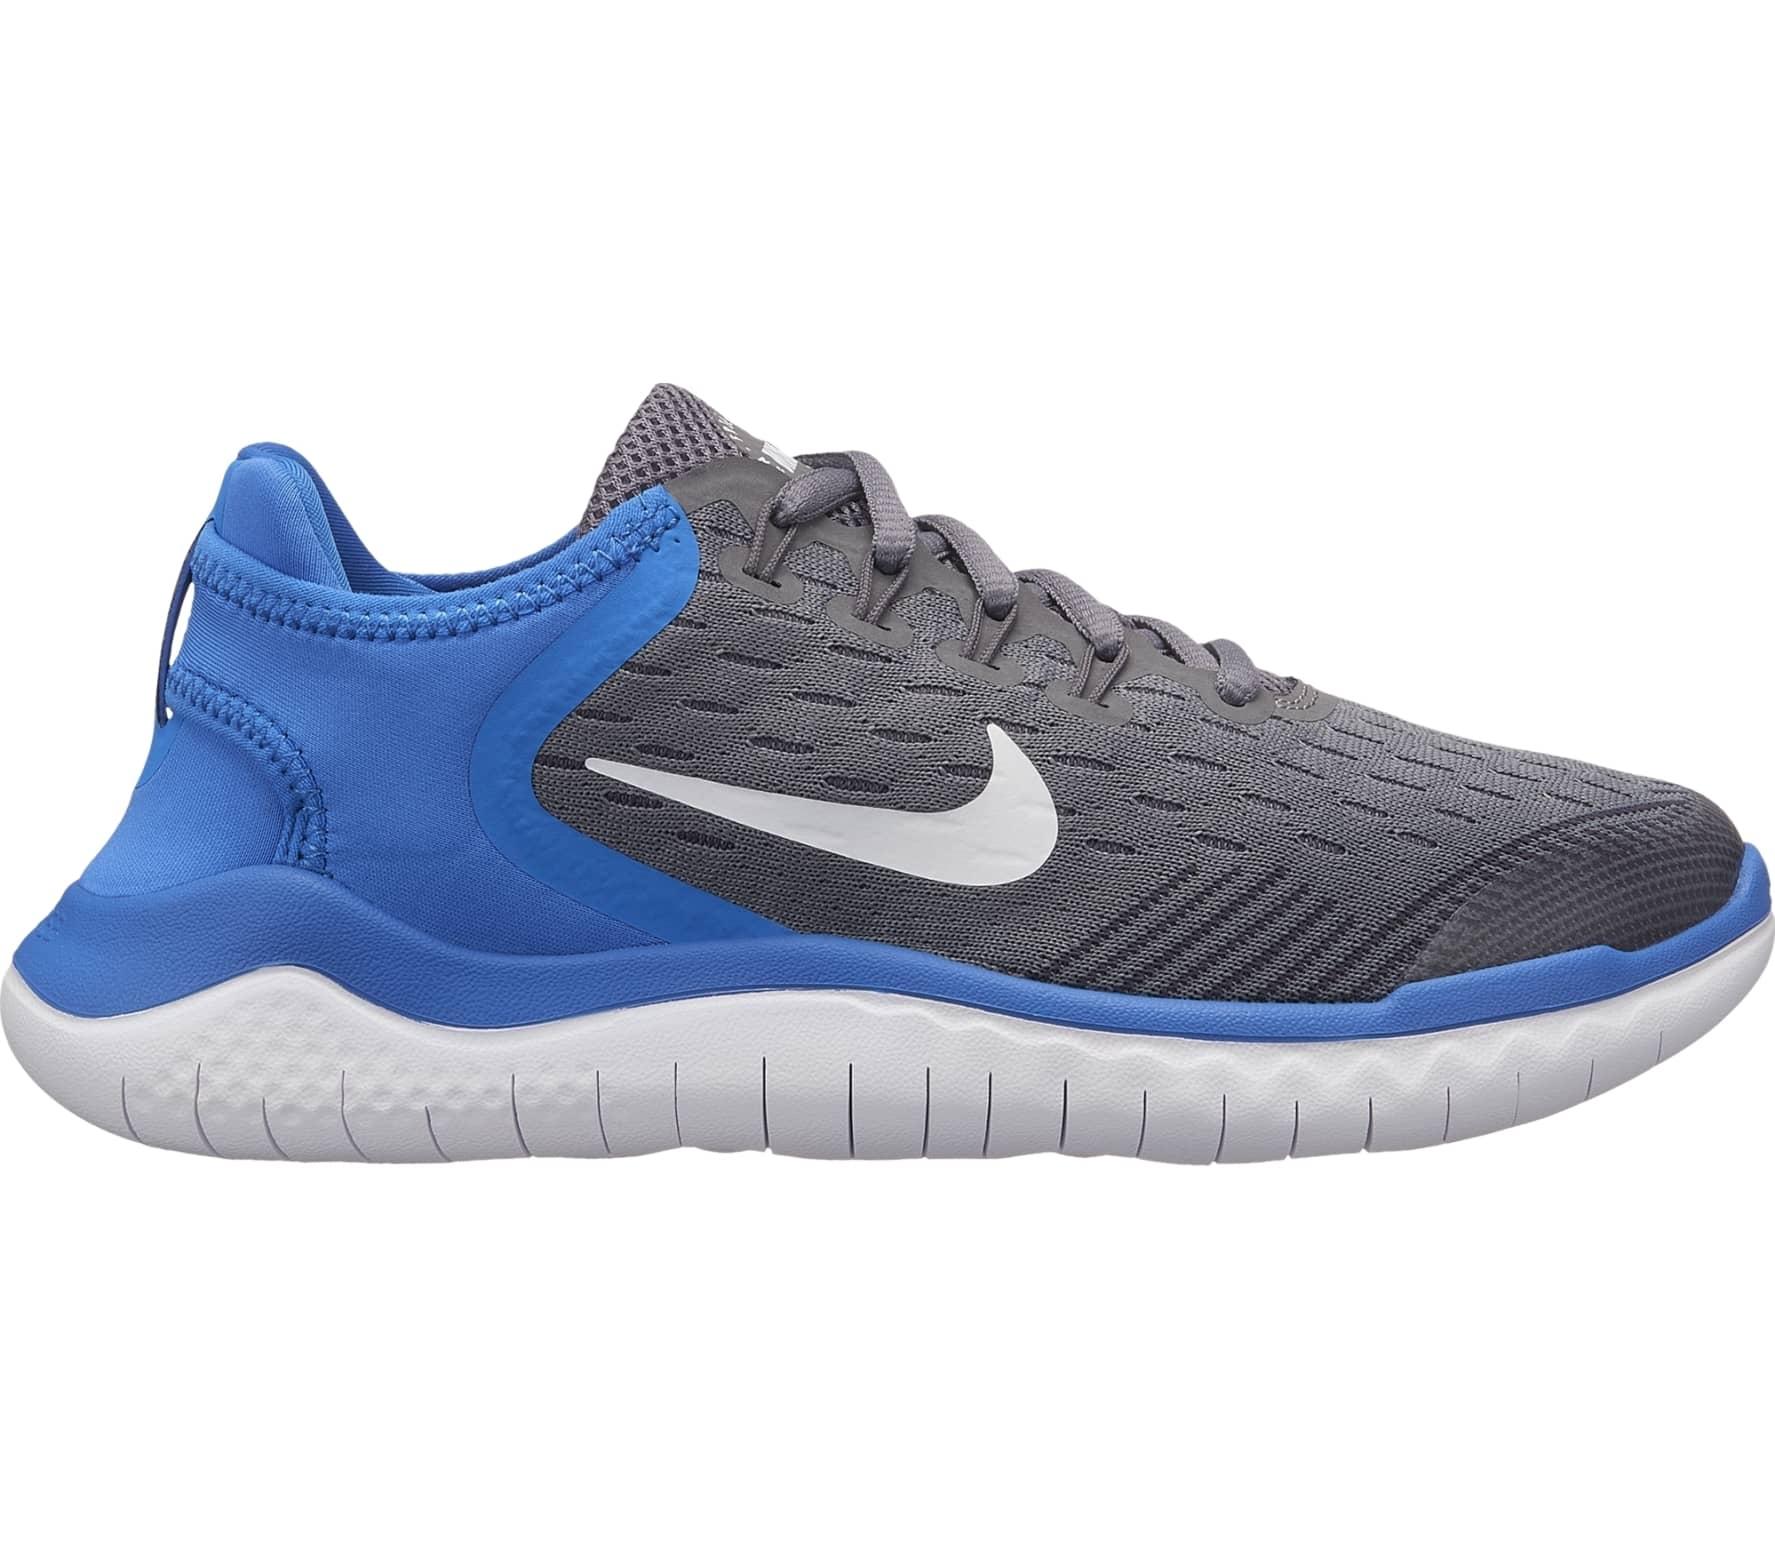 on sale d3ea2 f87cd Nike - Free RN 2018 Niños Zapatos para correr (gris) comprar en línea en  Keller Sports